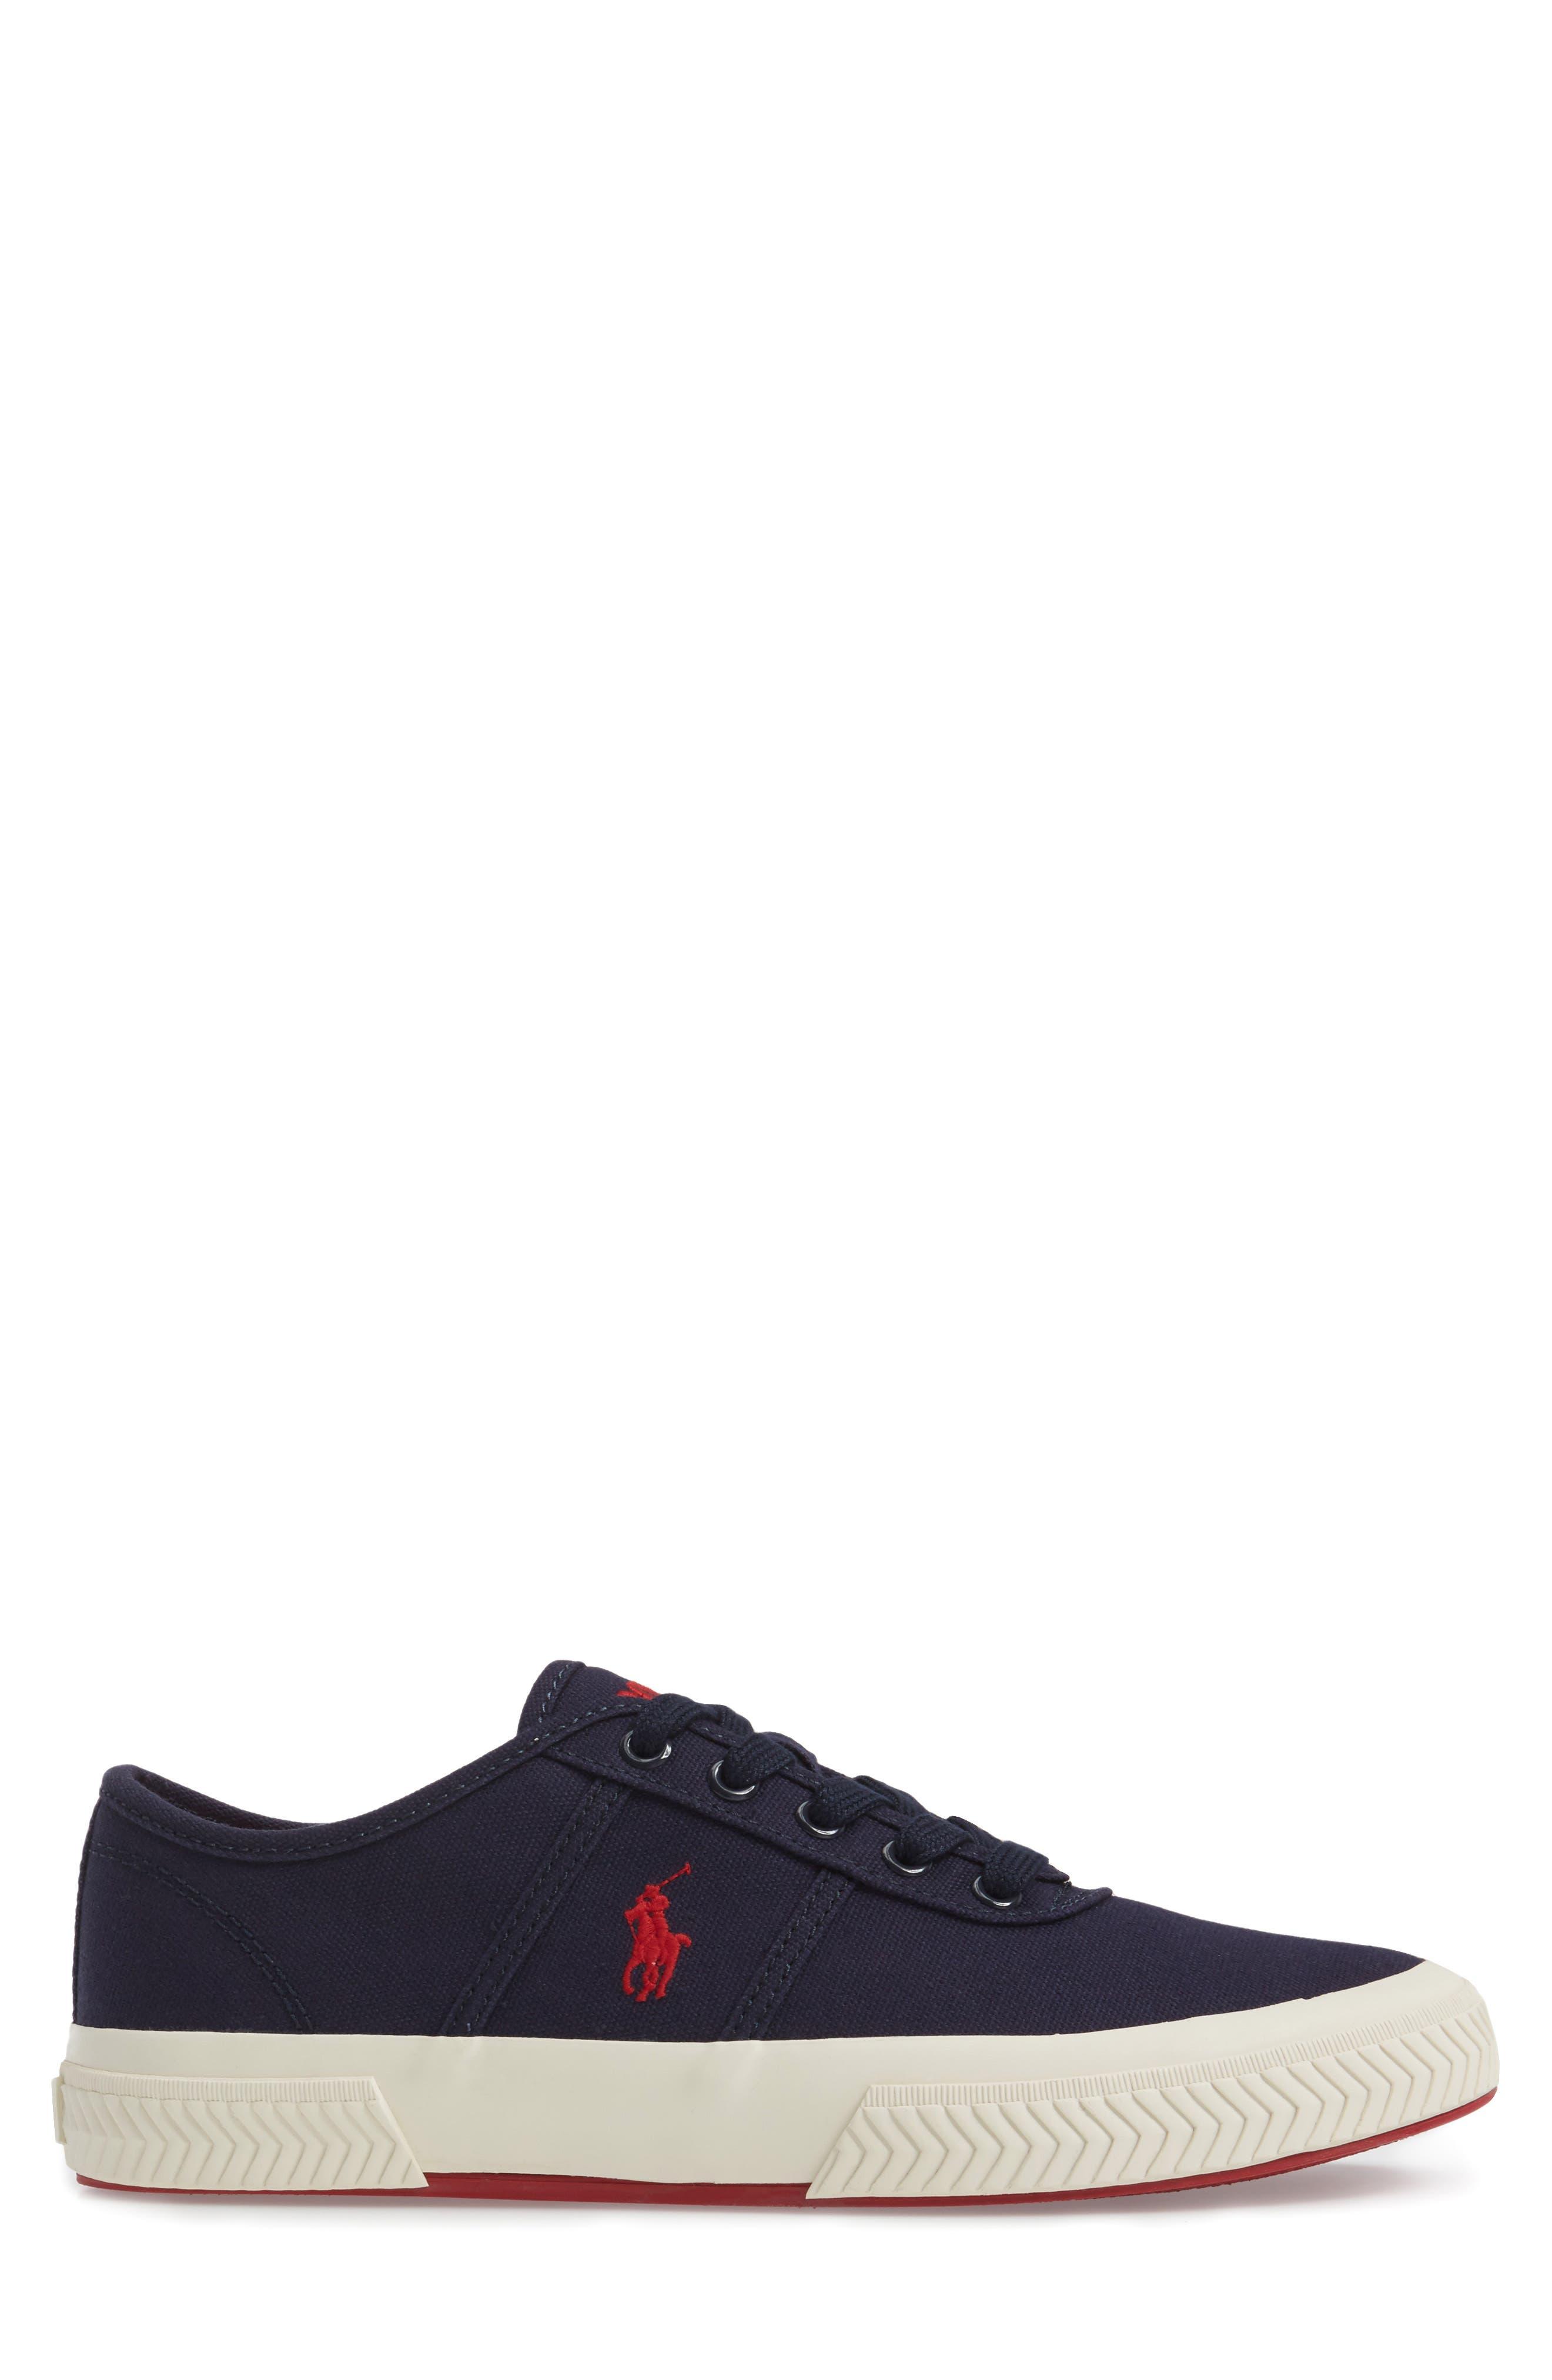 Polo Ralph Lauren Tyrian Sneaker,                             Alternate thumbnail 3, color,                             410